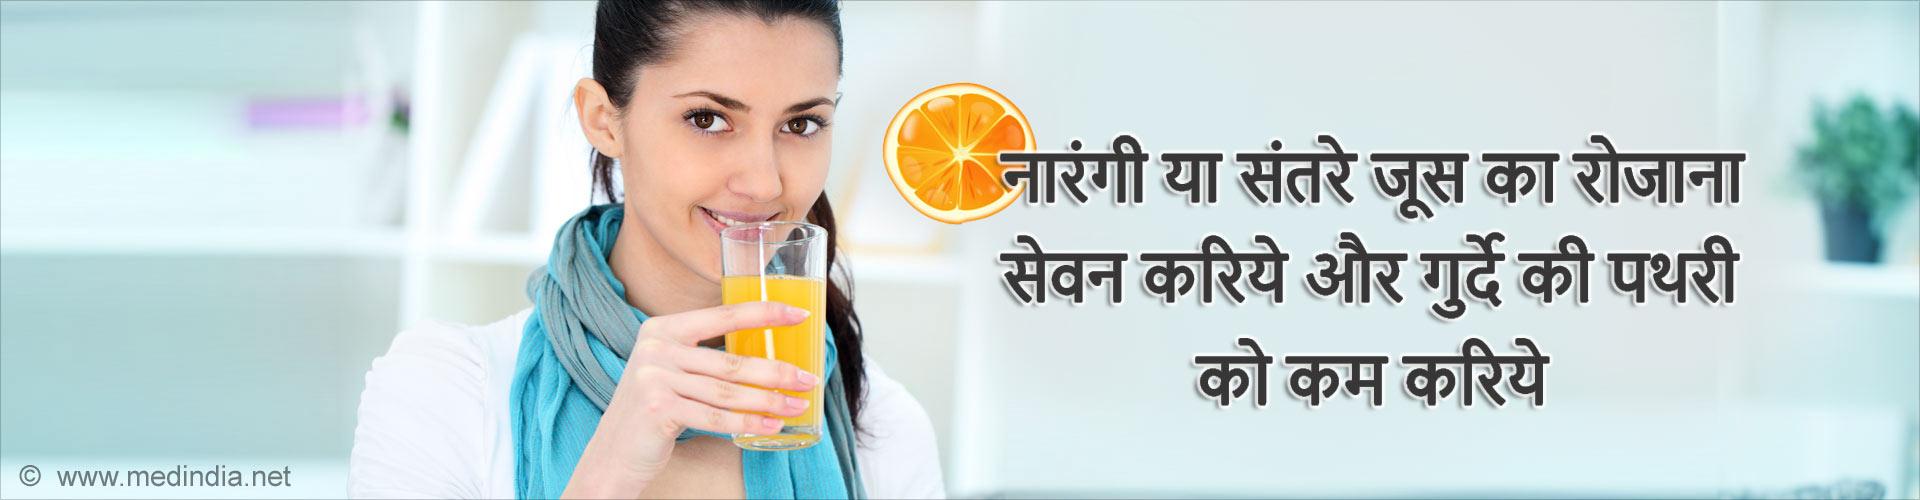 नारंगी या संतरे जूस का रोजाना सेवन करिये और गुर्दे की पथरी को कम करिये